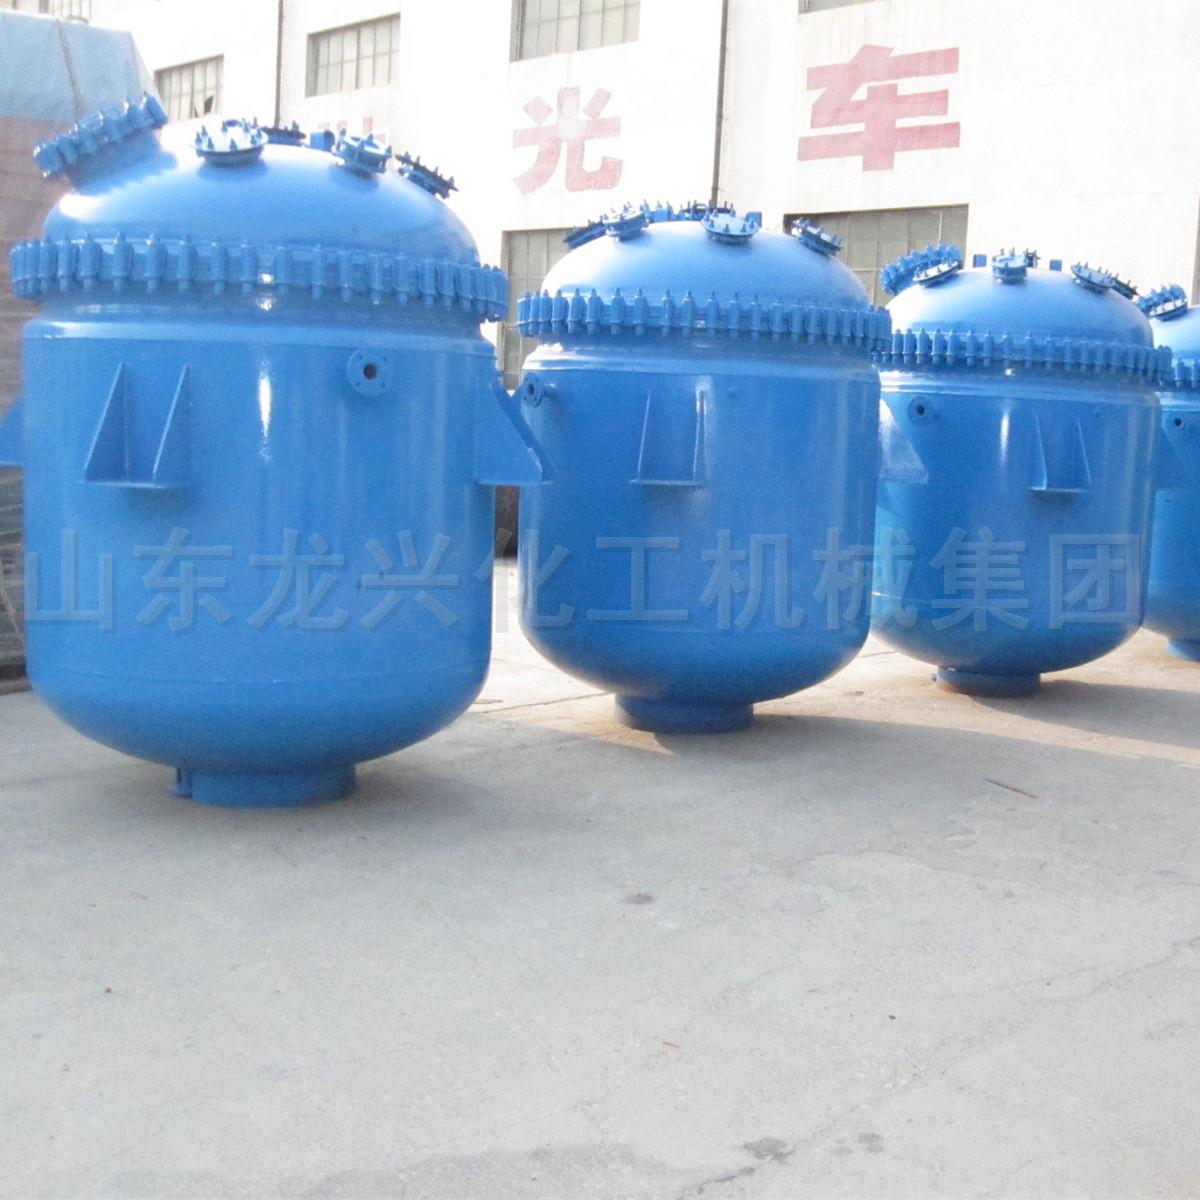 蒸汽加热搪瓷釜安全可靠